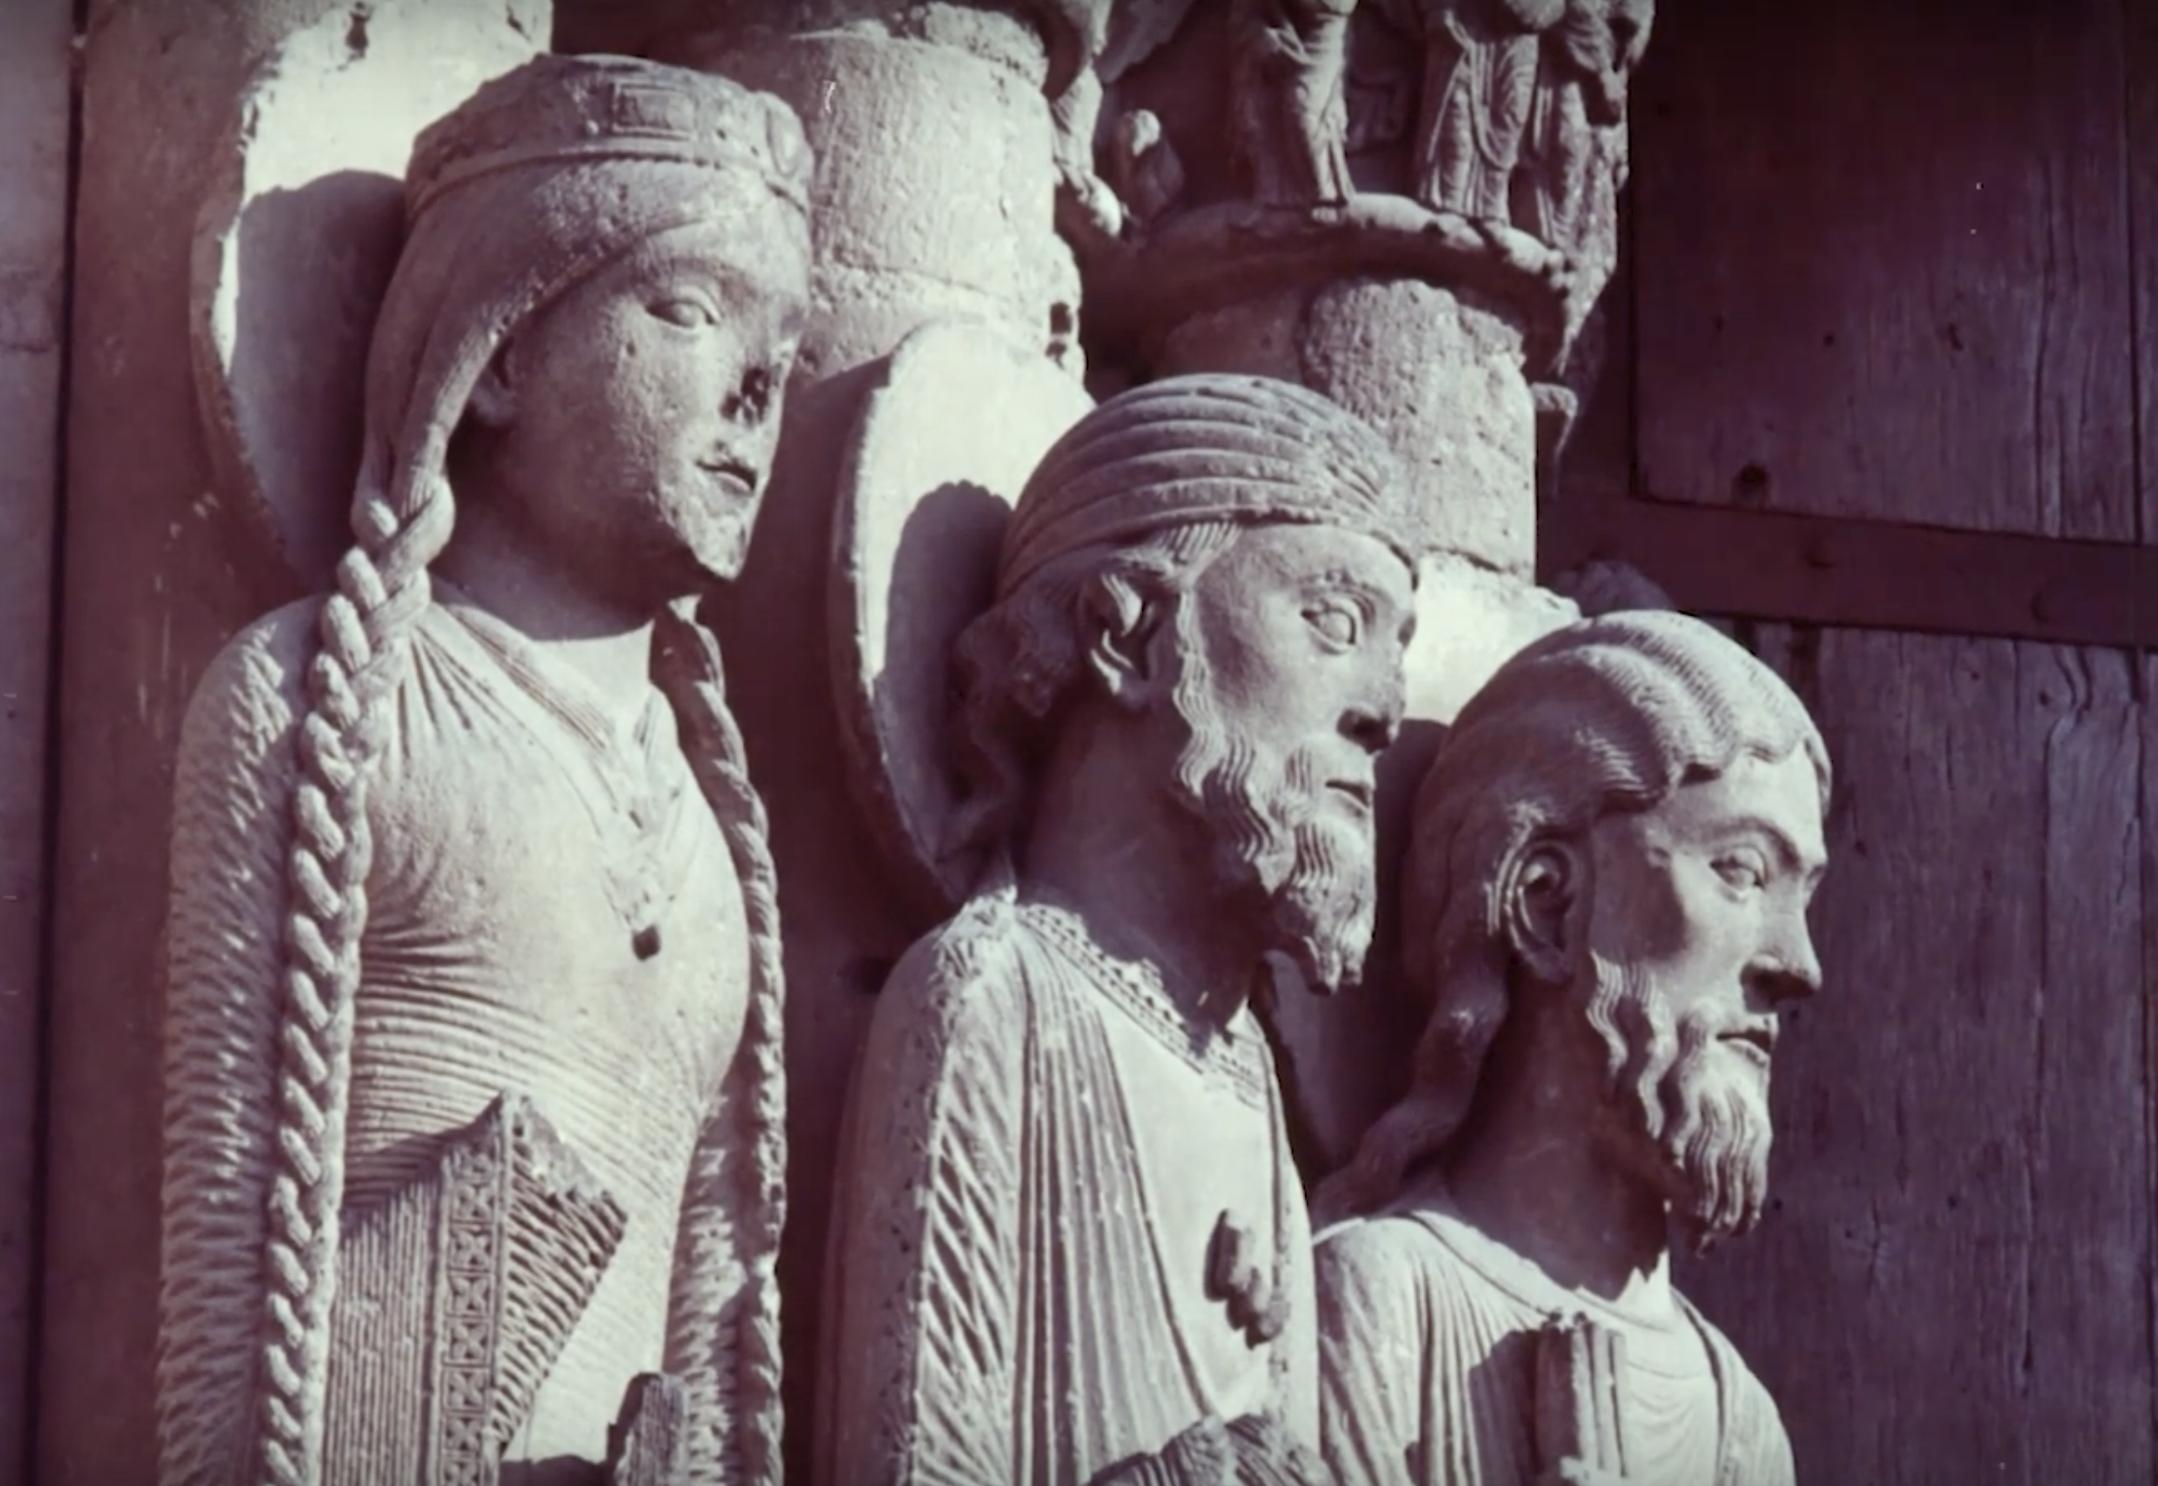 Notre-Dame di Chartres. Un (bellissimo) video in pellicola racconta la storia della cattedrale francese